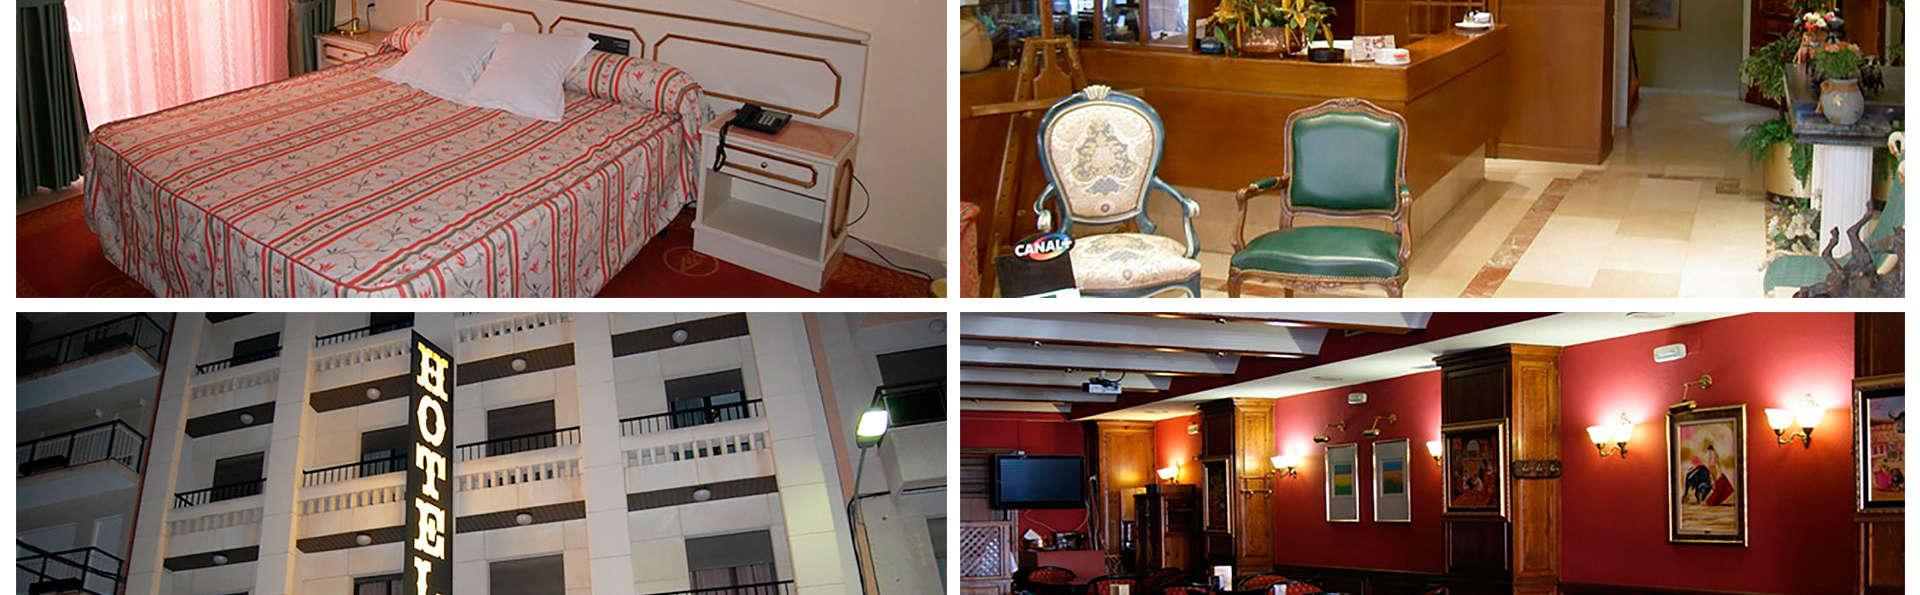 Hotel Reina Victoria Hellín - EDIT_collage.jpg